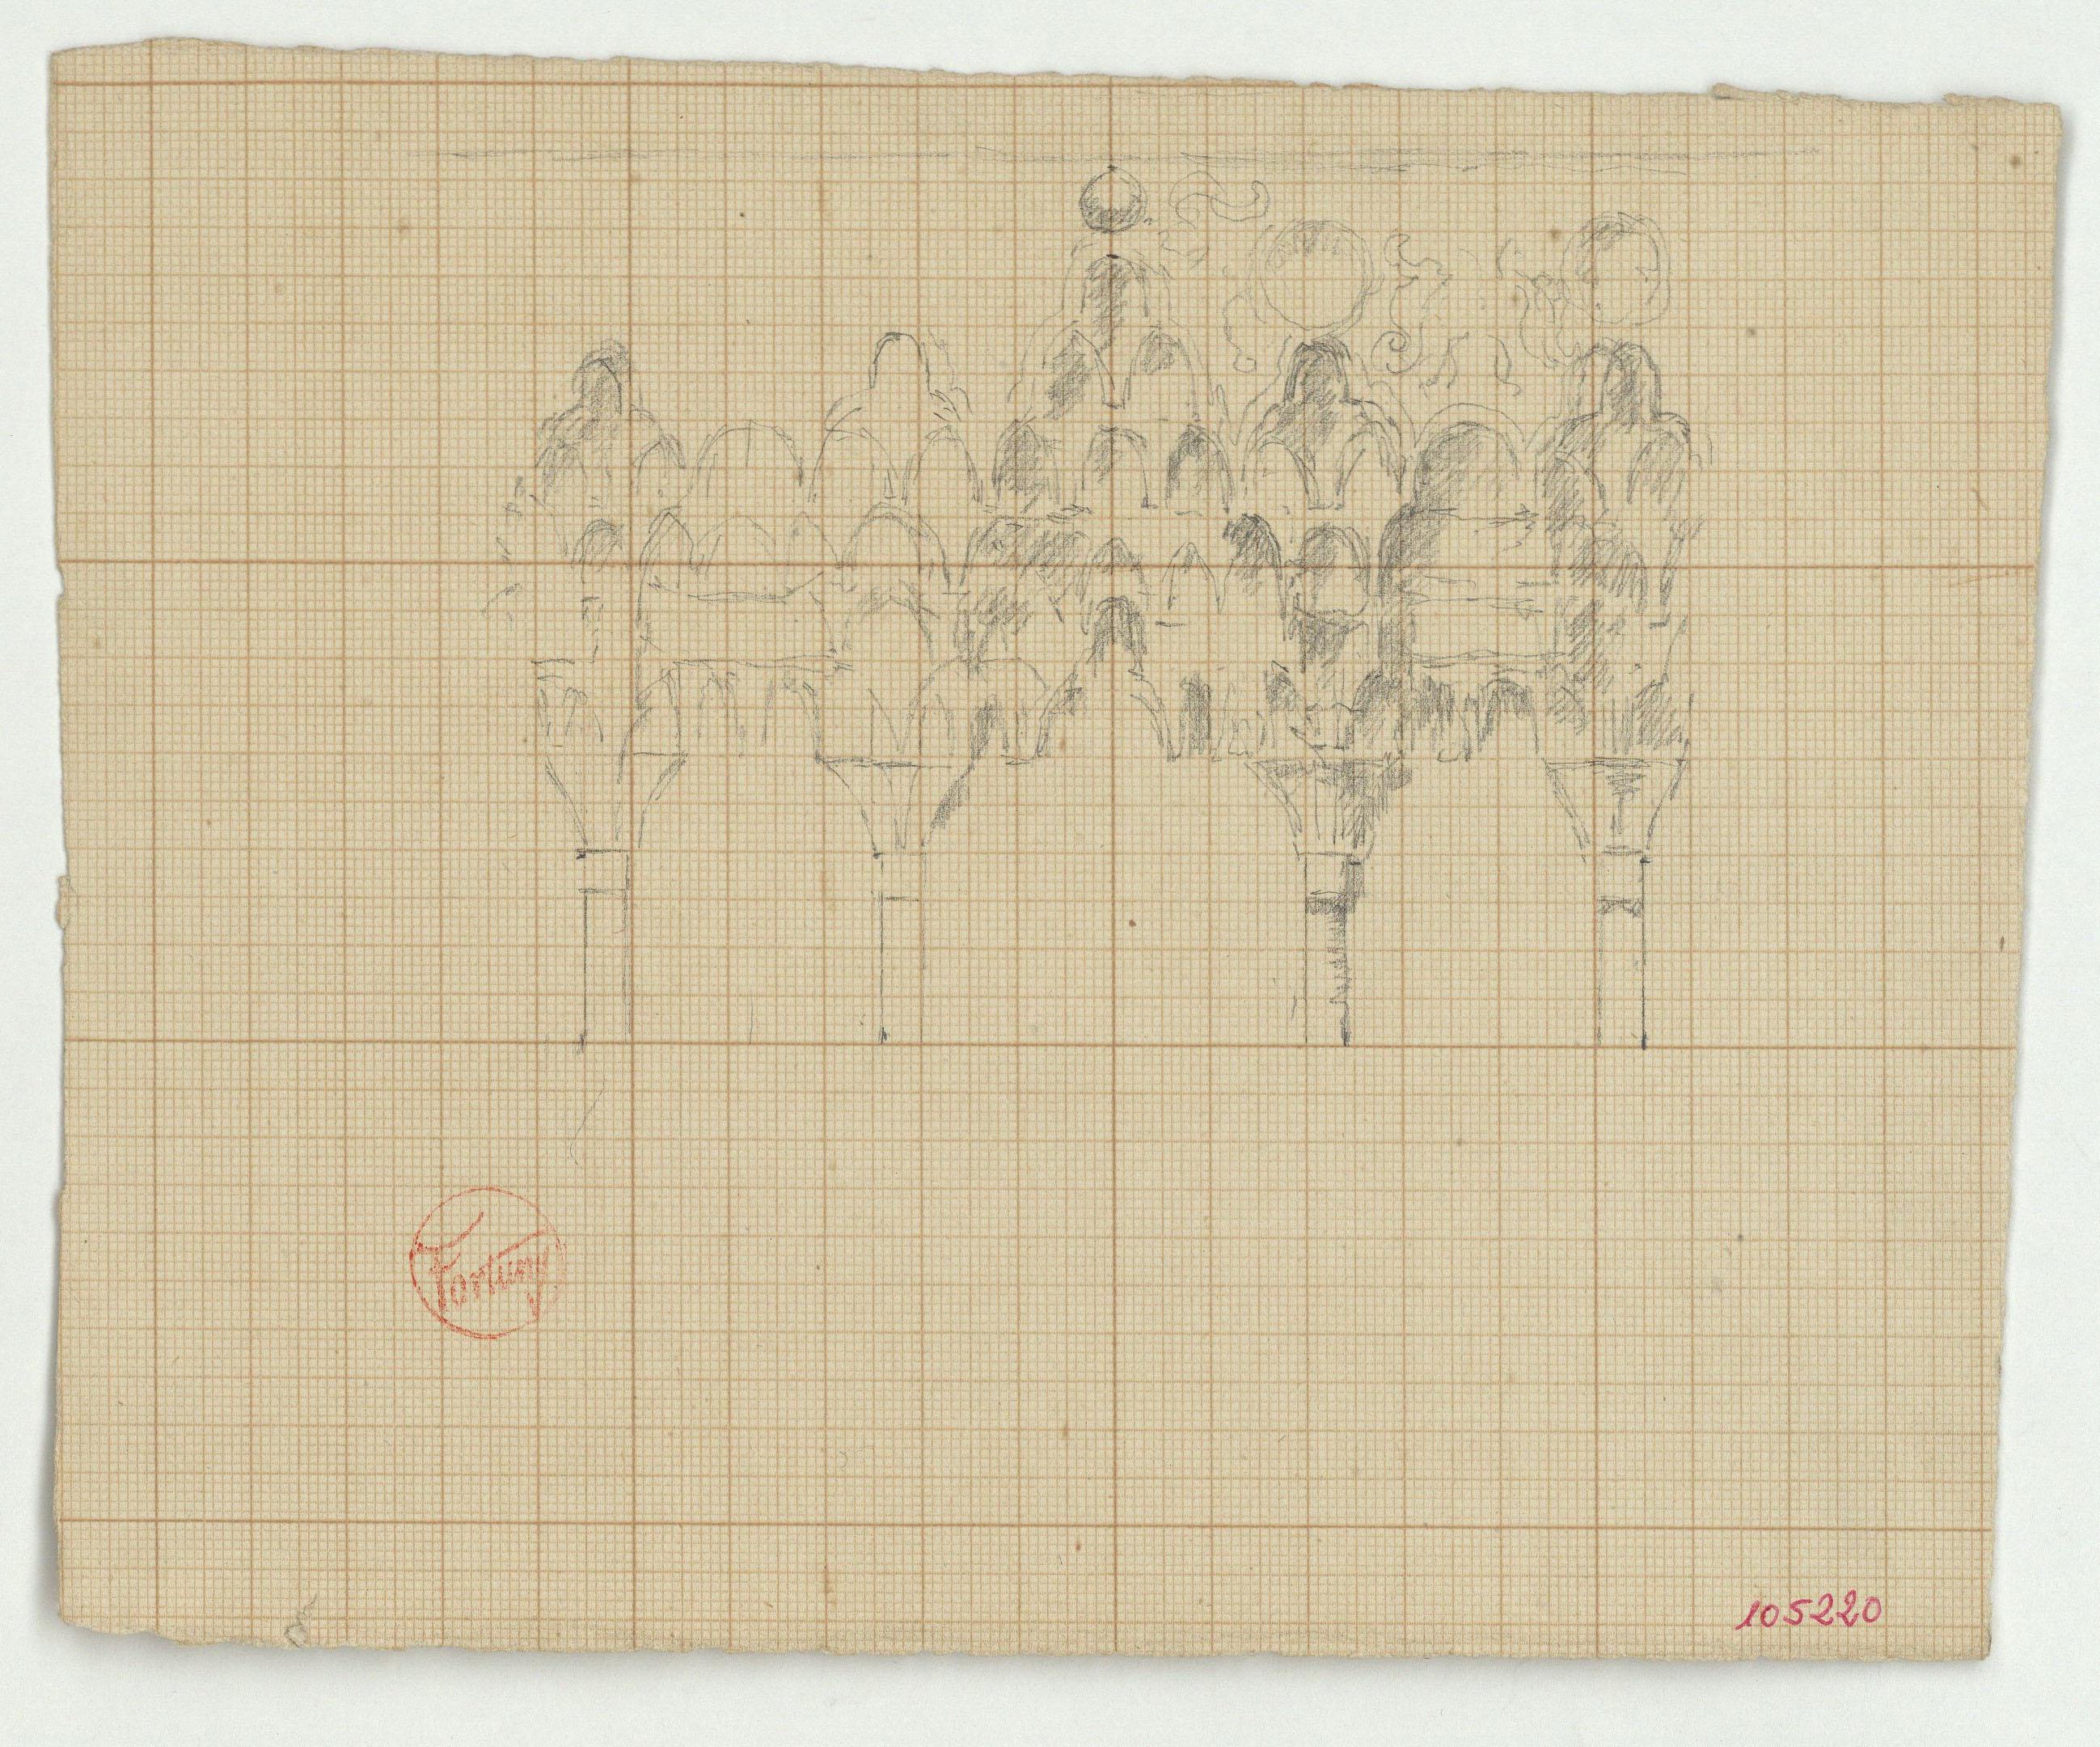 Marià Fortuny - Arcuació d'estil musulmà - Cap a 1870-1872